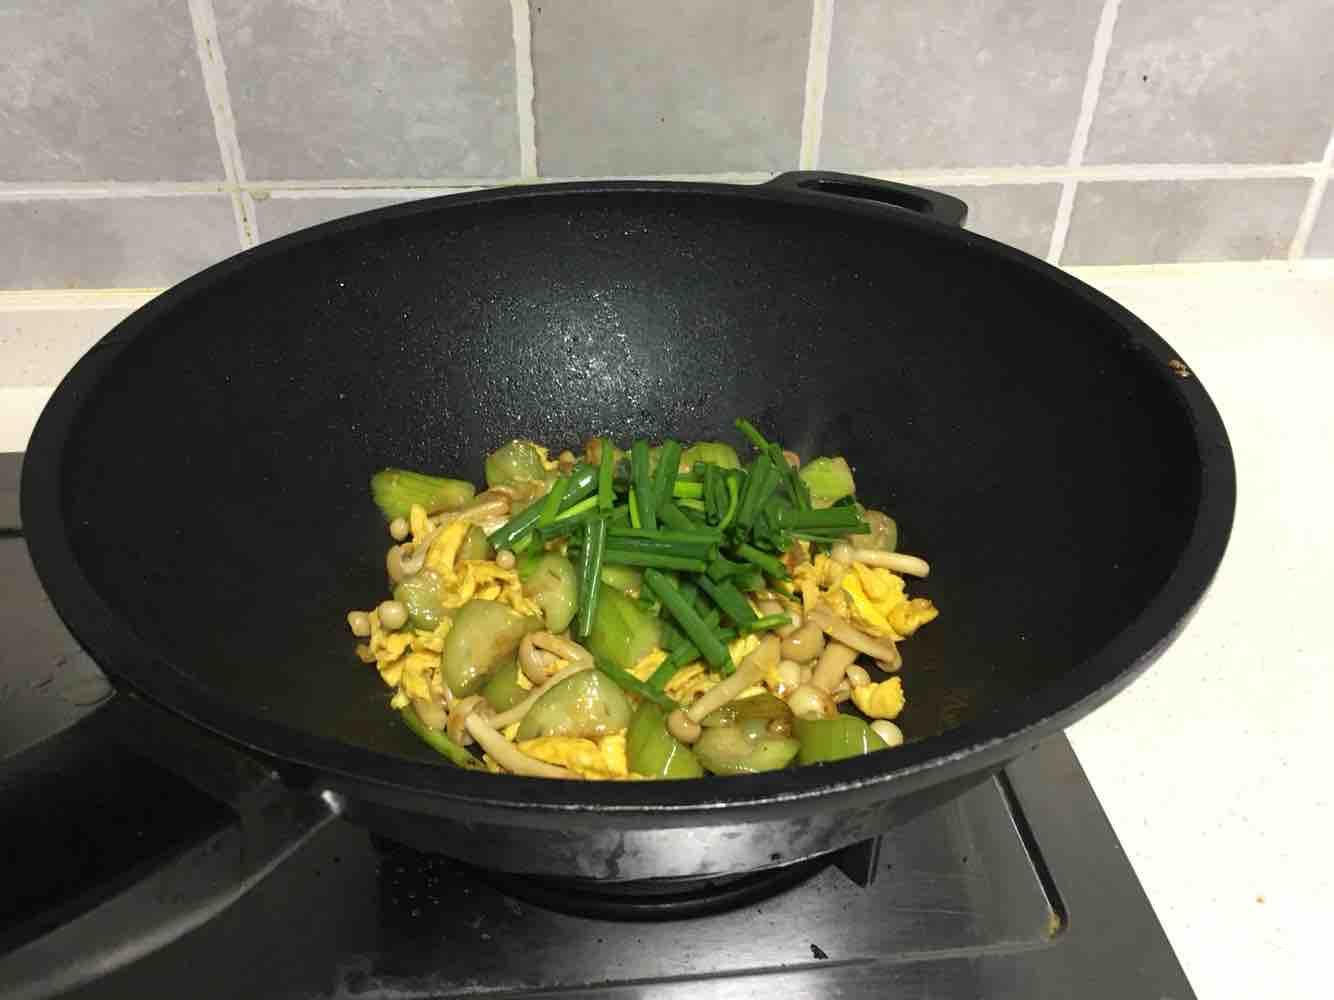 海鲜菇丝瓜炒鸡蛋怎么煮